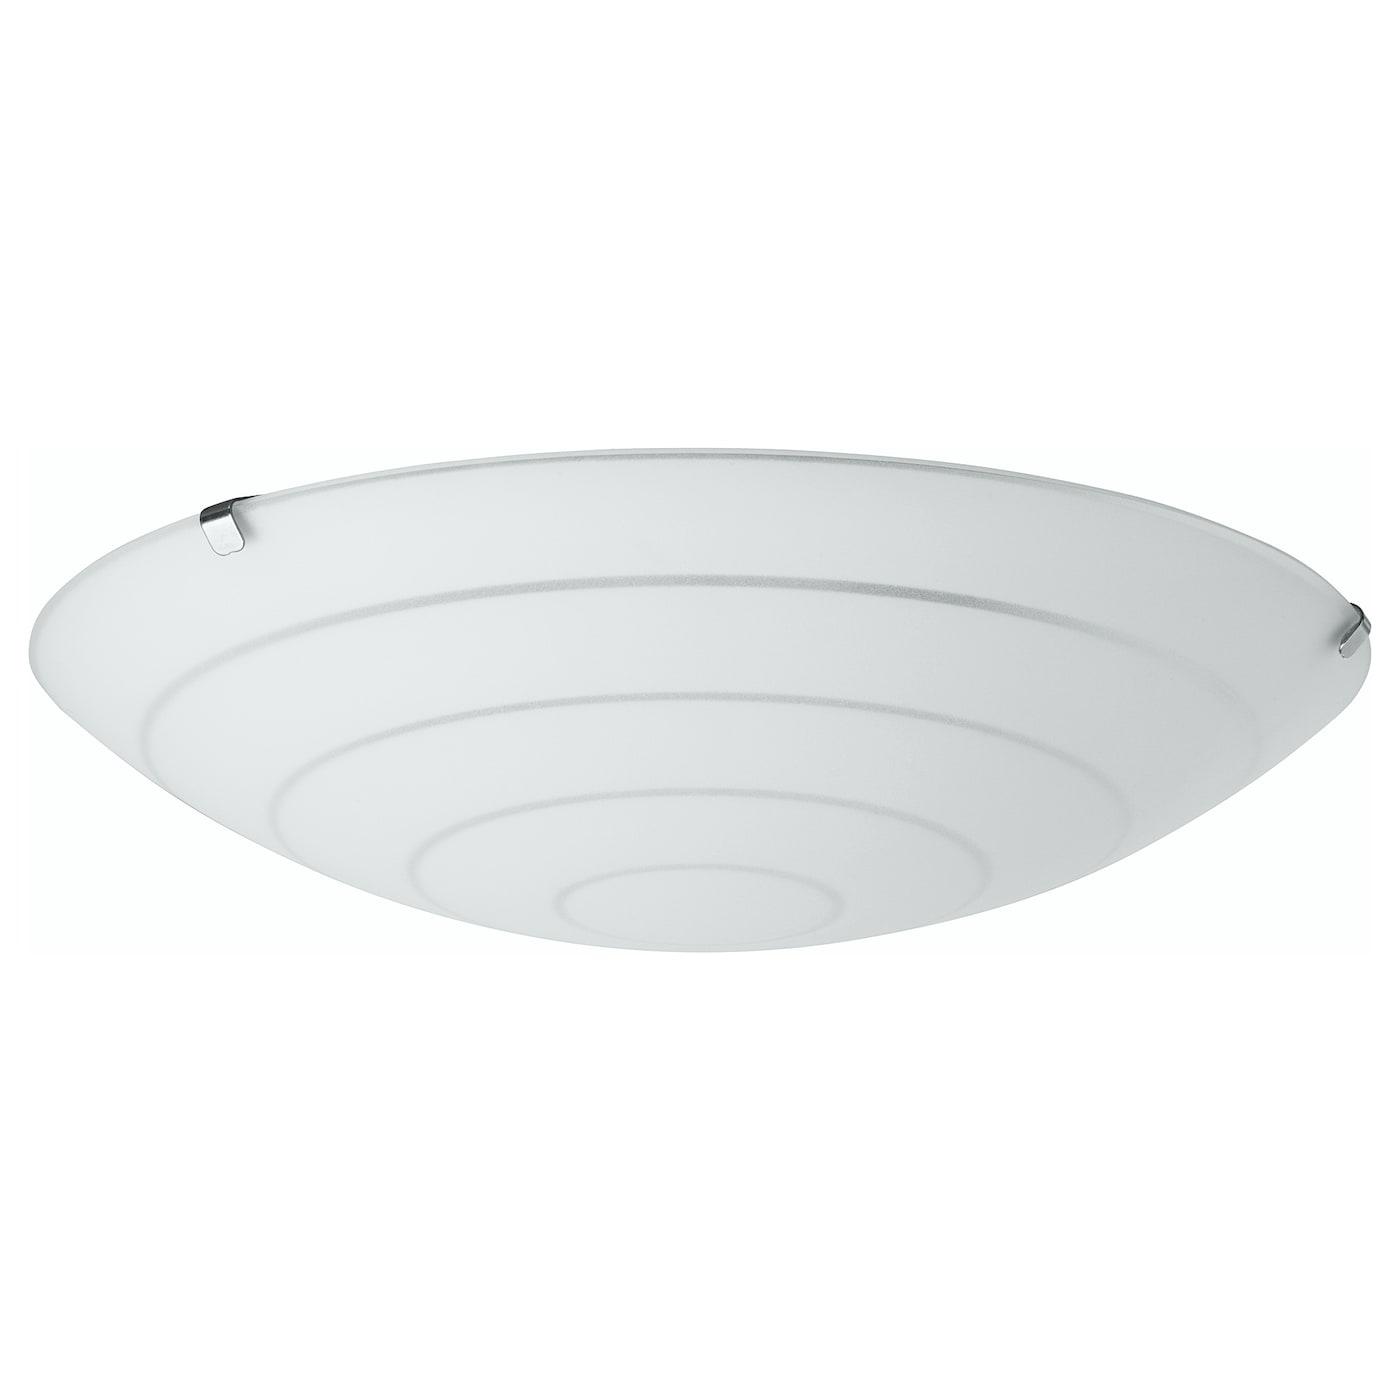 Deckenlampen & Kronleuchter Deckenlampe Beleuchtung 37cm